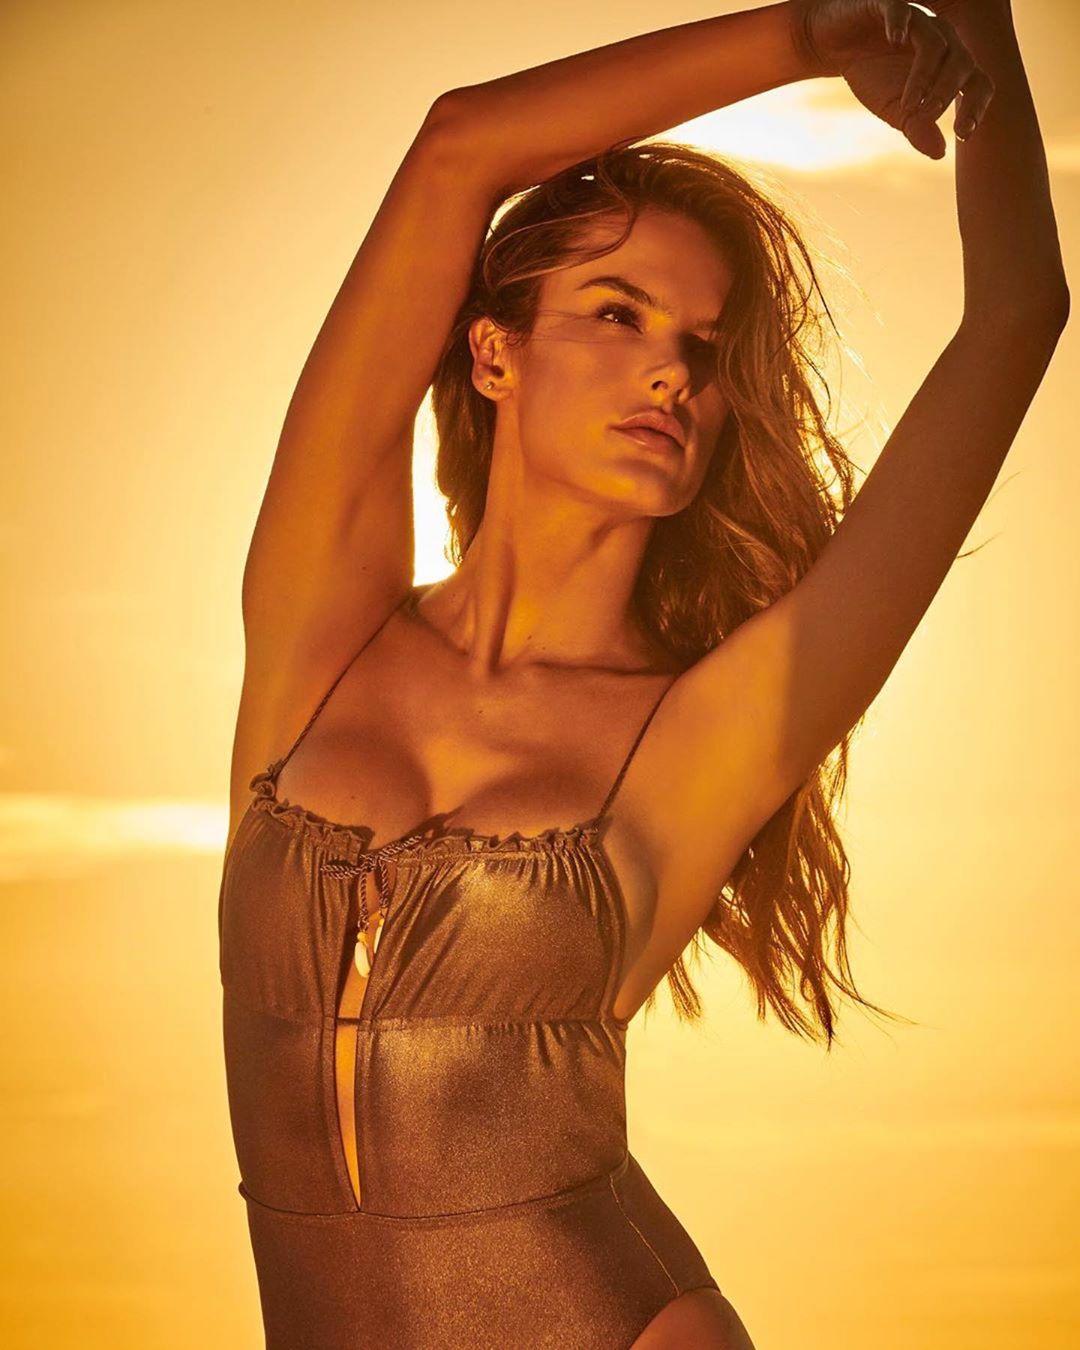 Супермодель Алессандра Амбросио выставила соблазнительные фото в купальнике